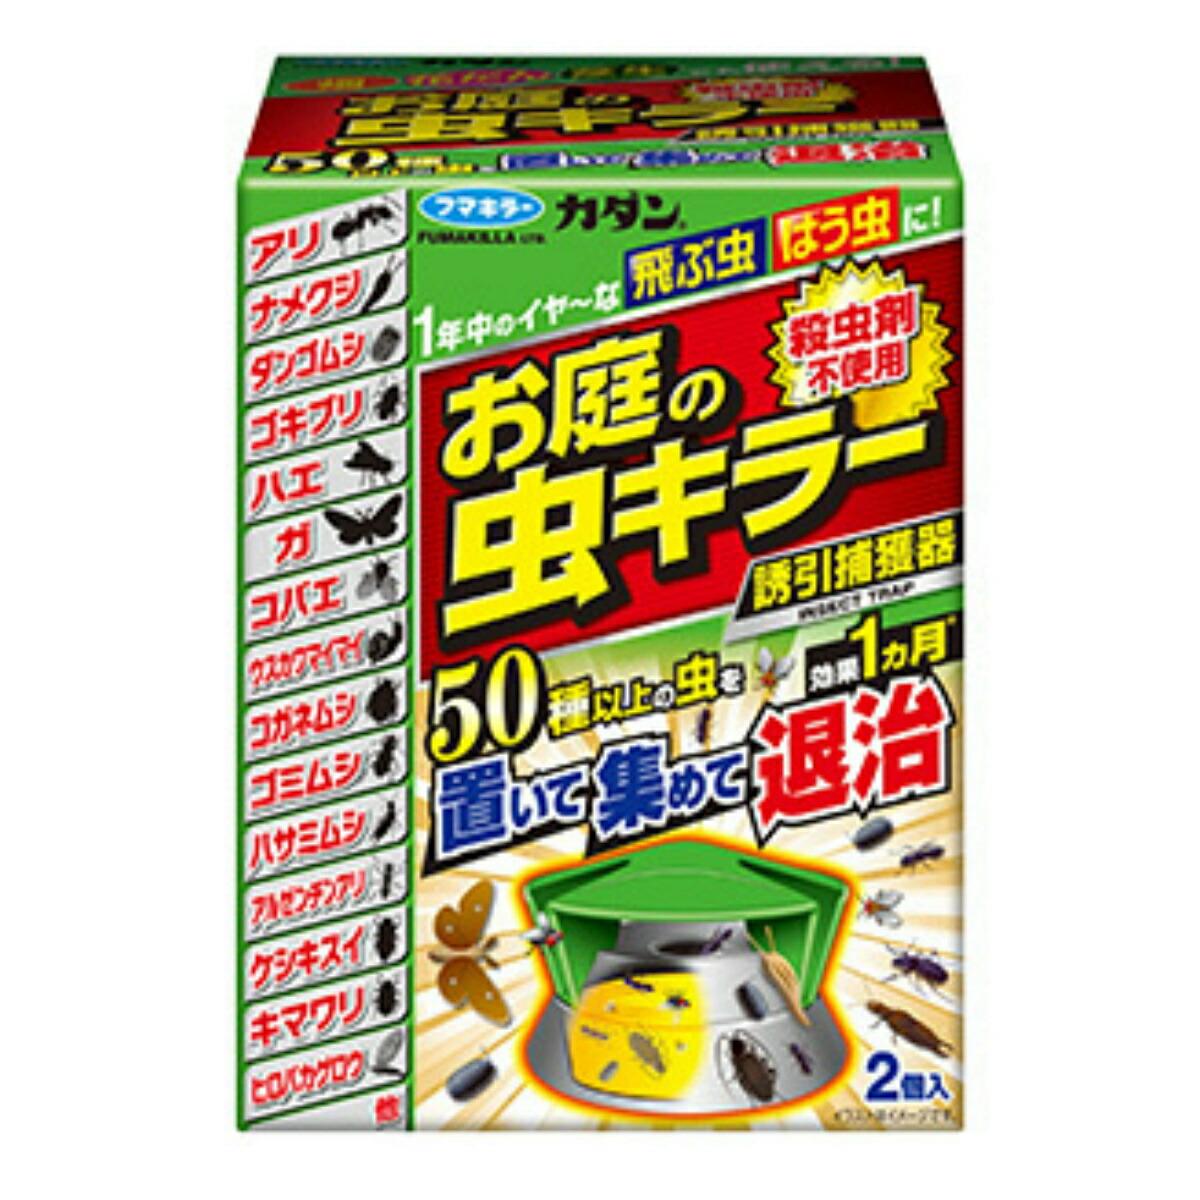 置いて集めて庭中の虫を退治 フマキラー カダン 誘引捕獲器 お庭の虫キラー 日時指定 2個入 SEAL限定商品